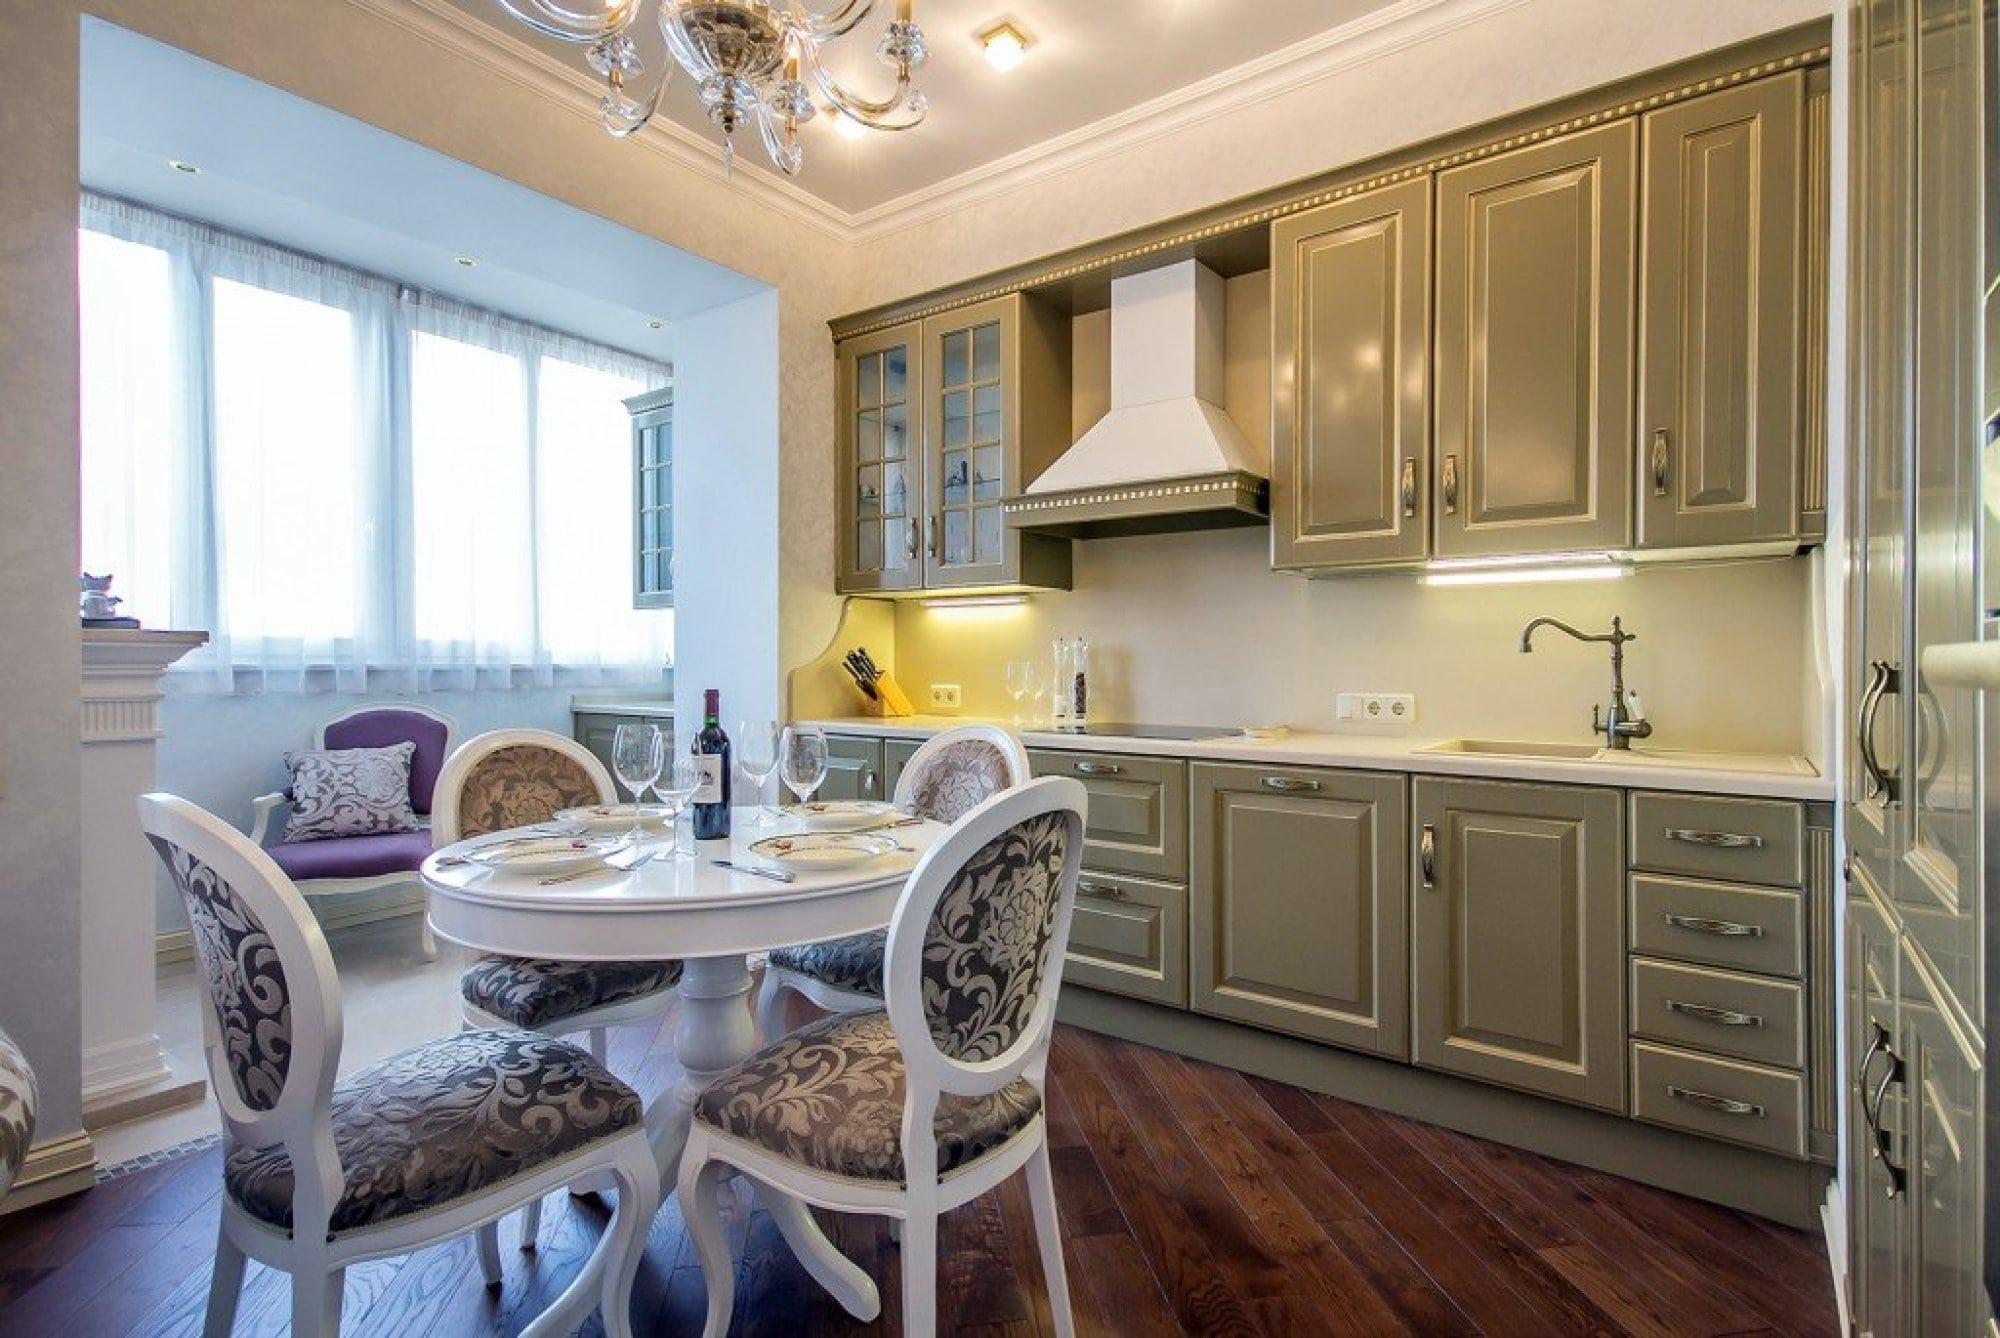 интерьер кухни 12 кв.м с балконом